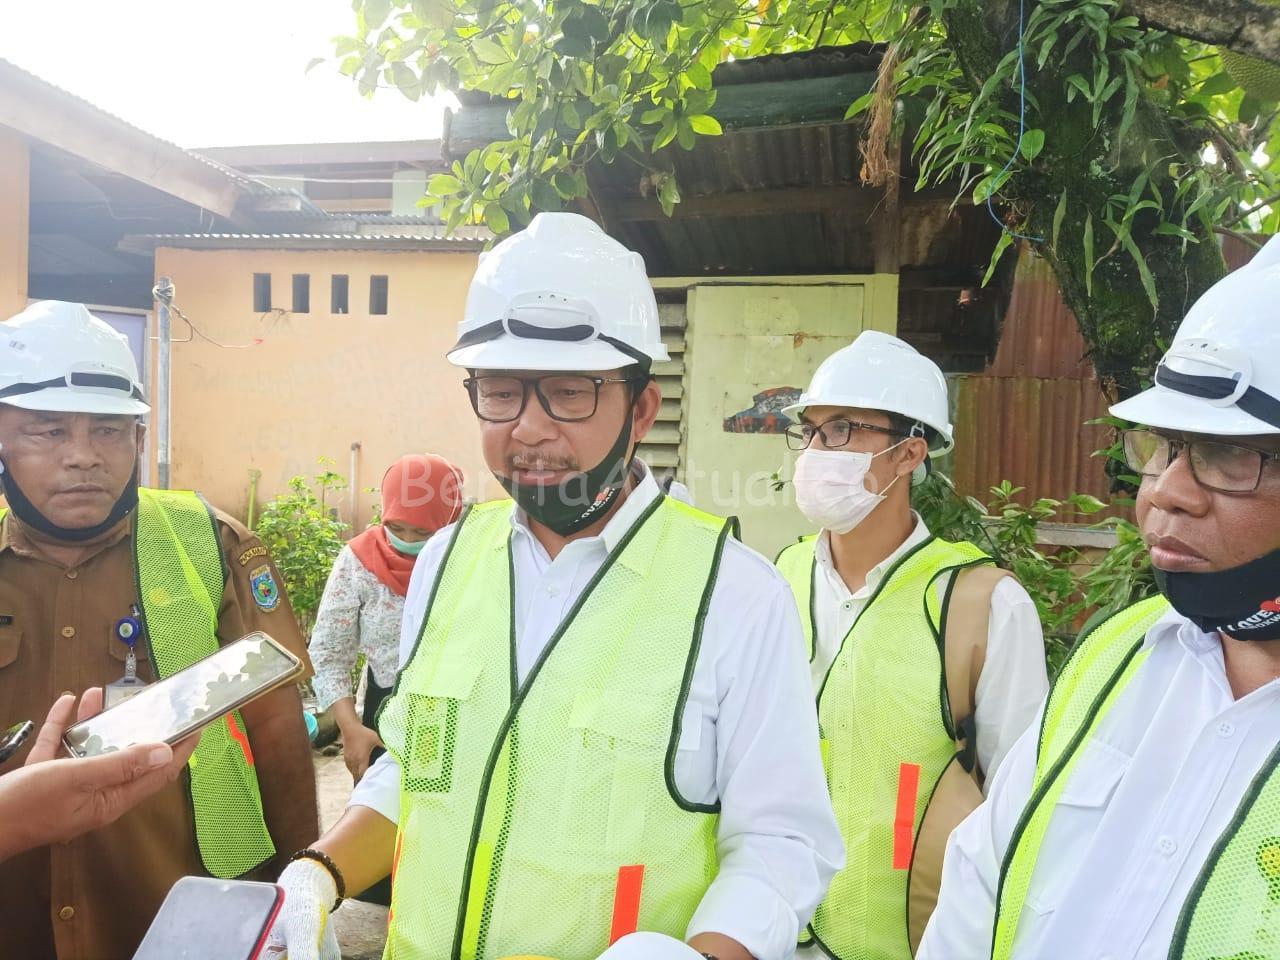 """Program """"KOTAKU"""" Tanpa Kumuh Papua Barat Akan Dilaksanakan di 3 Daerah Ini 2 IMG 20200714 WA0048"""